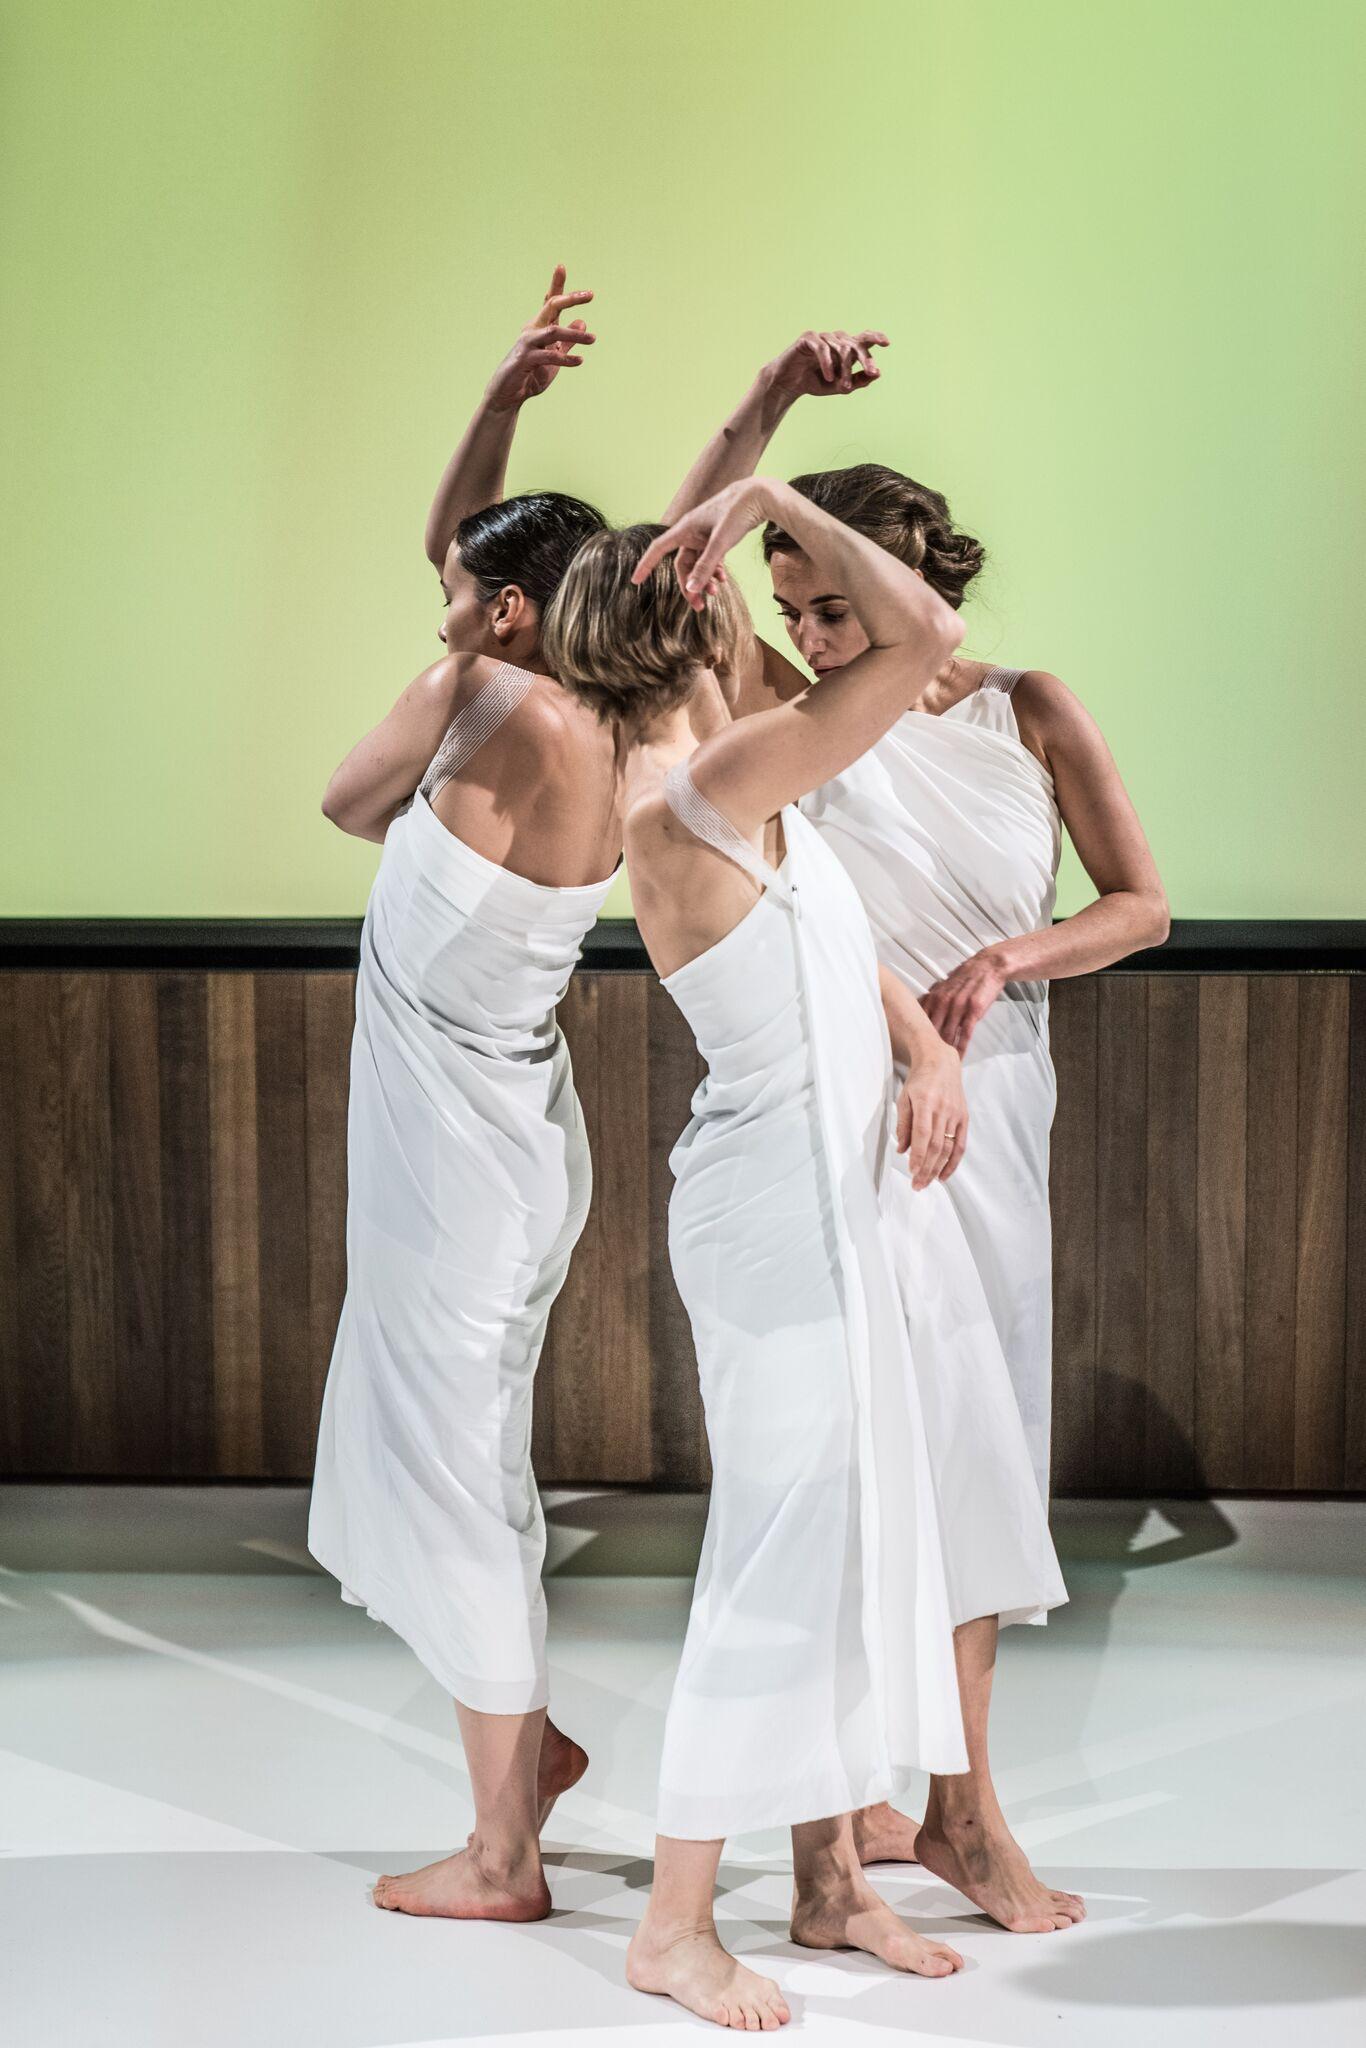 Fra utdelingen av Queen Sonja Print Award i London 8. november. Dansere: Kristin Hjort Inao, Ane Evjen Gjøvåg, Ida Haugen. Foto: Antero Hein.